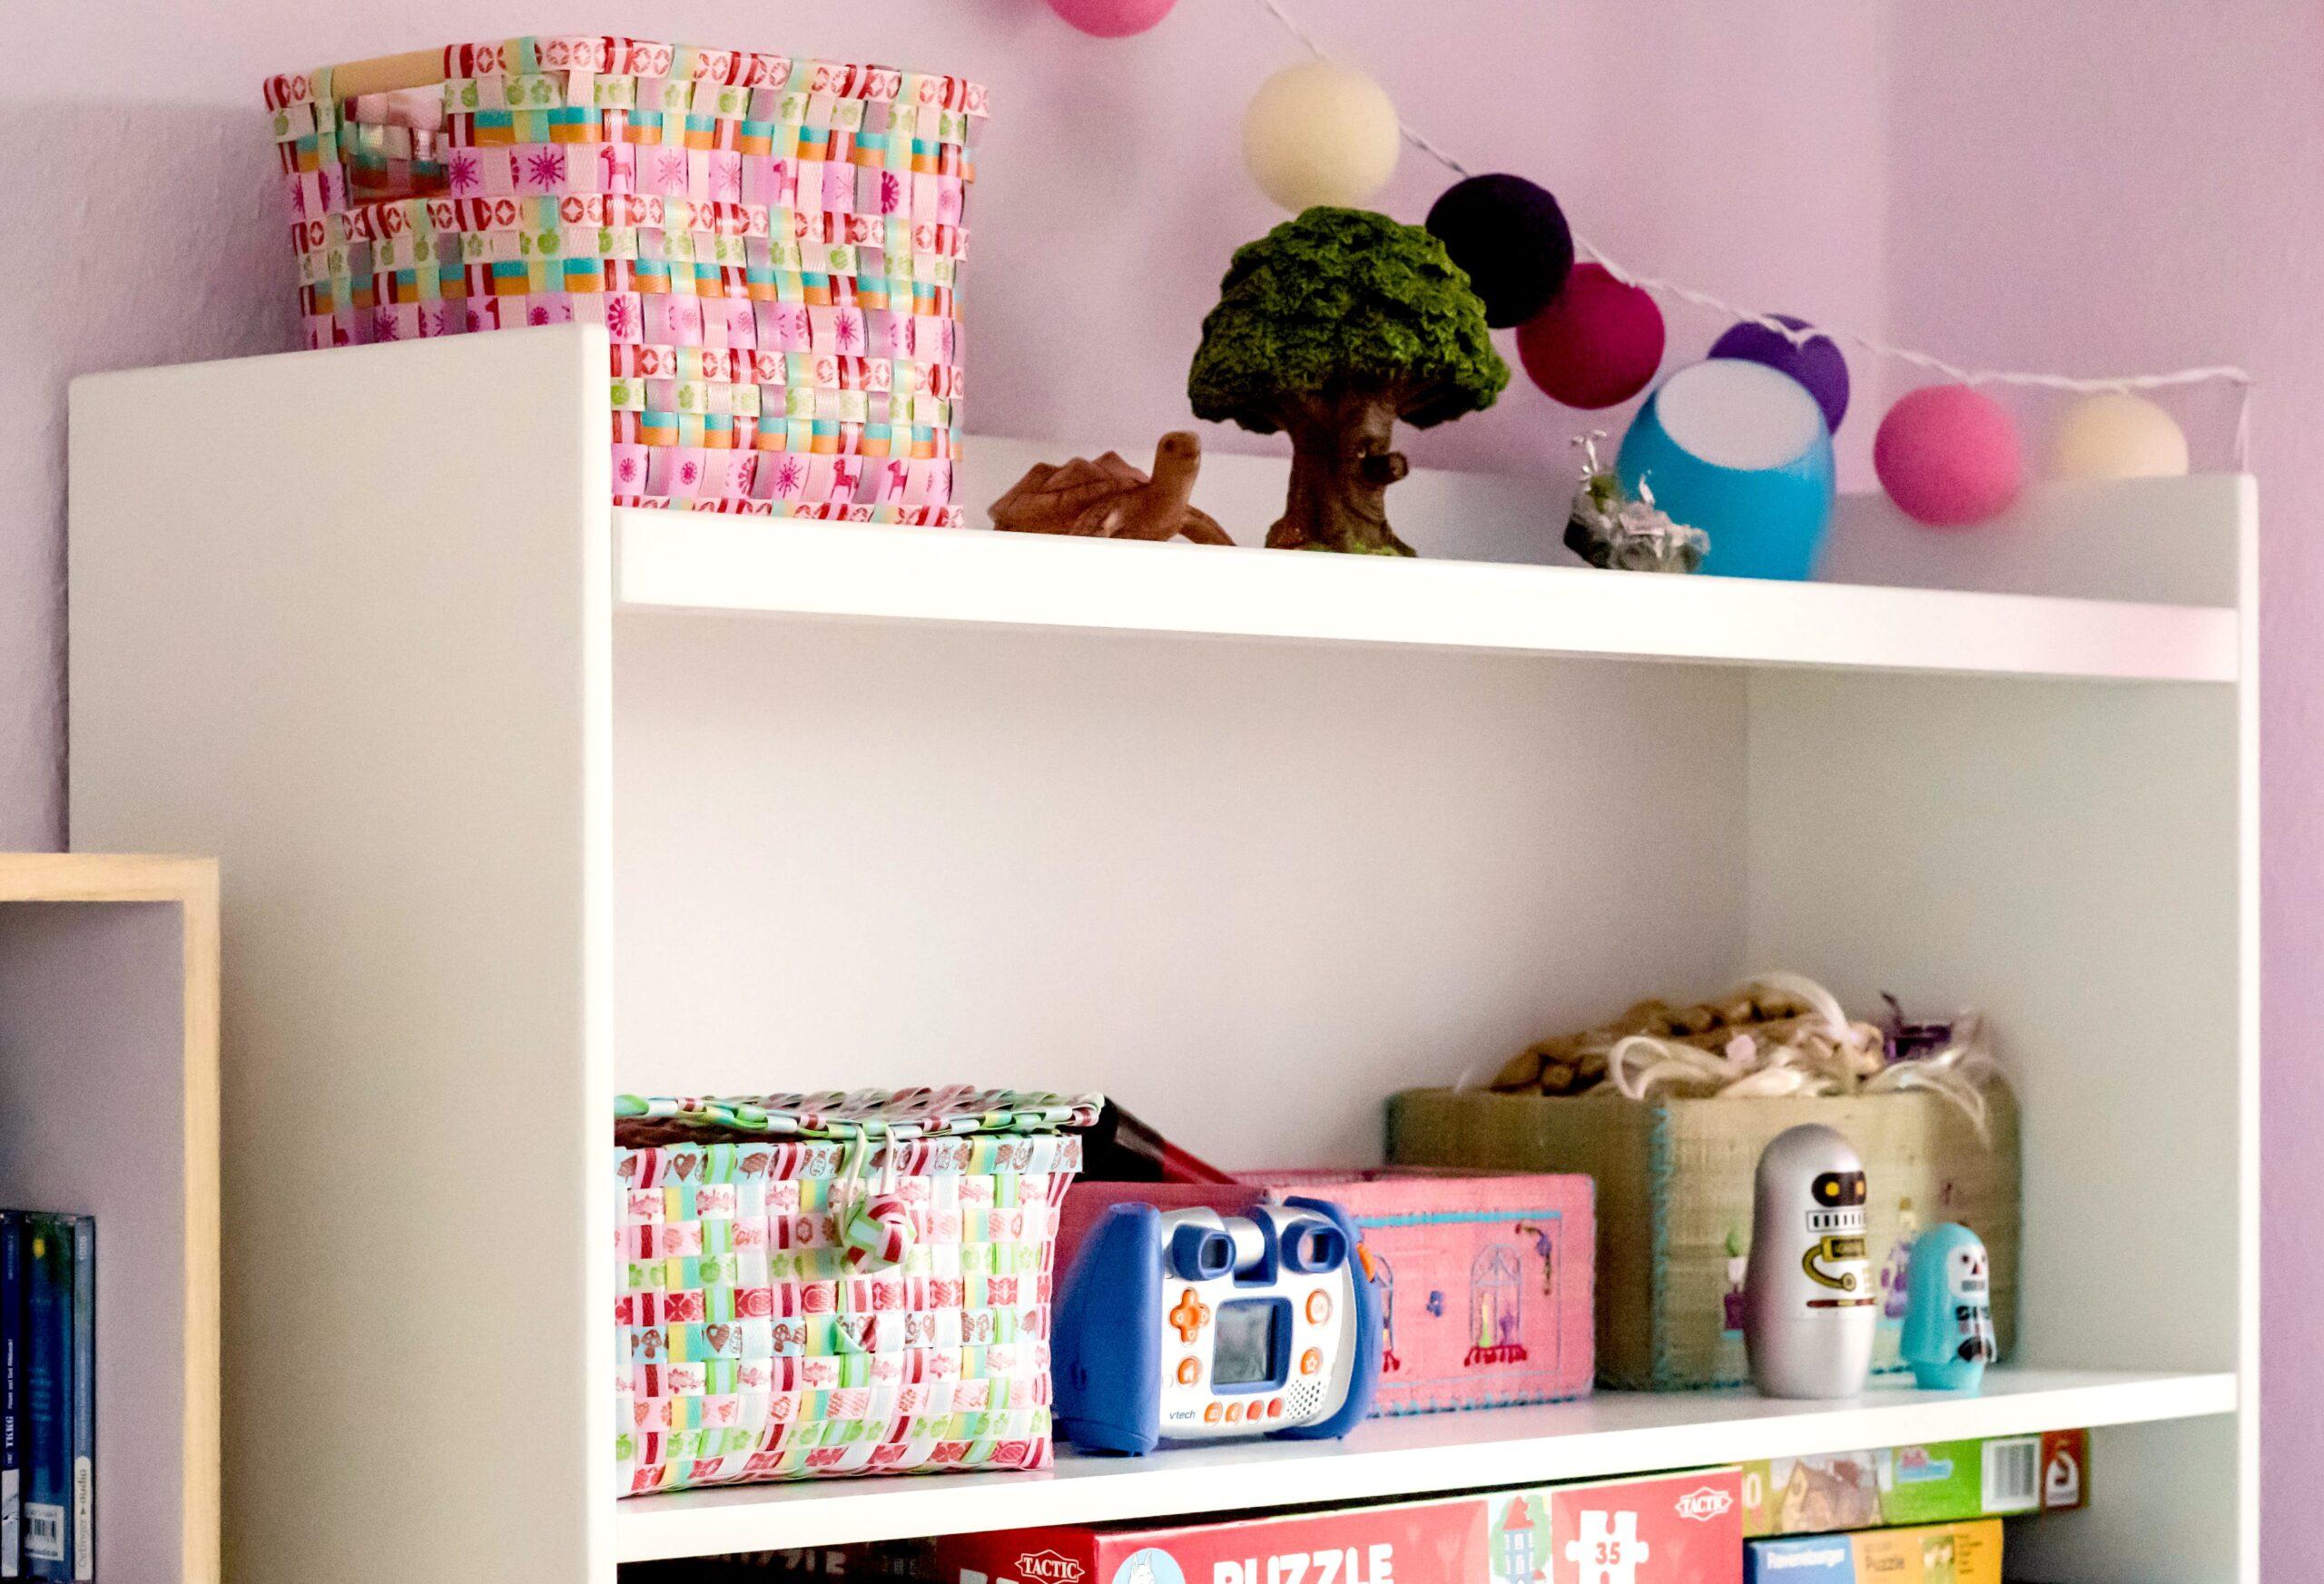 Full Size of Ber Ordnung Im Kinderzimmer Blog By Galeria Kaufhof Regal Aufbewahrungsbox Garten Sofa Regale Aufbewahrungssystem Küche Weiß Aufbewahrung Bett Mit Betten Kinderzimmer Kinderzimmer Aufbewahrung